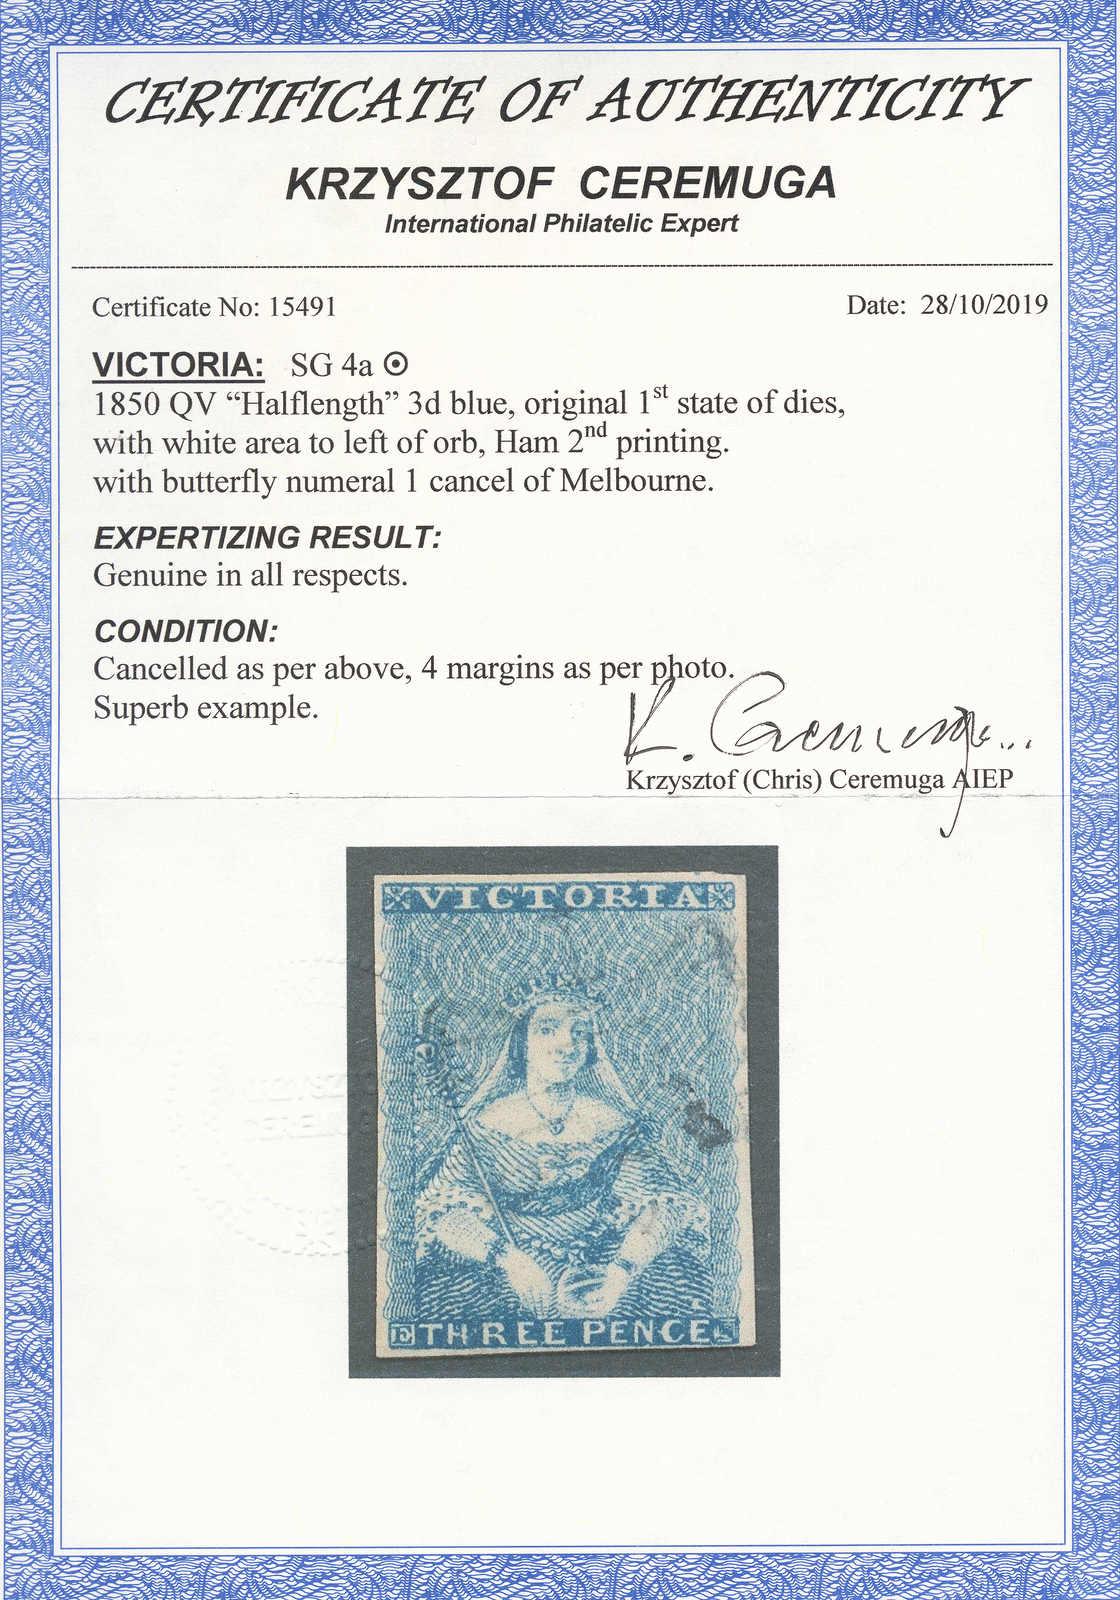 Lot 10124 - andere gebiete victoria -  classicphil GmbH 6'th classicphil Auction - Day 1